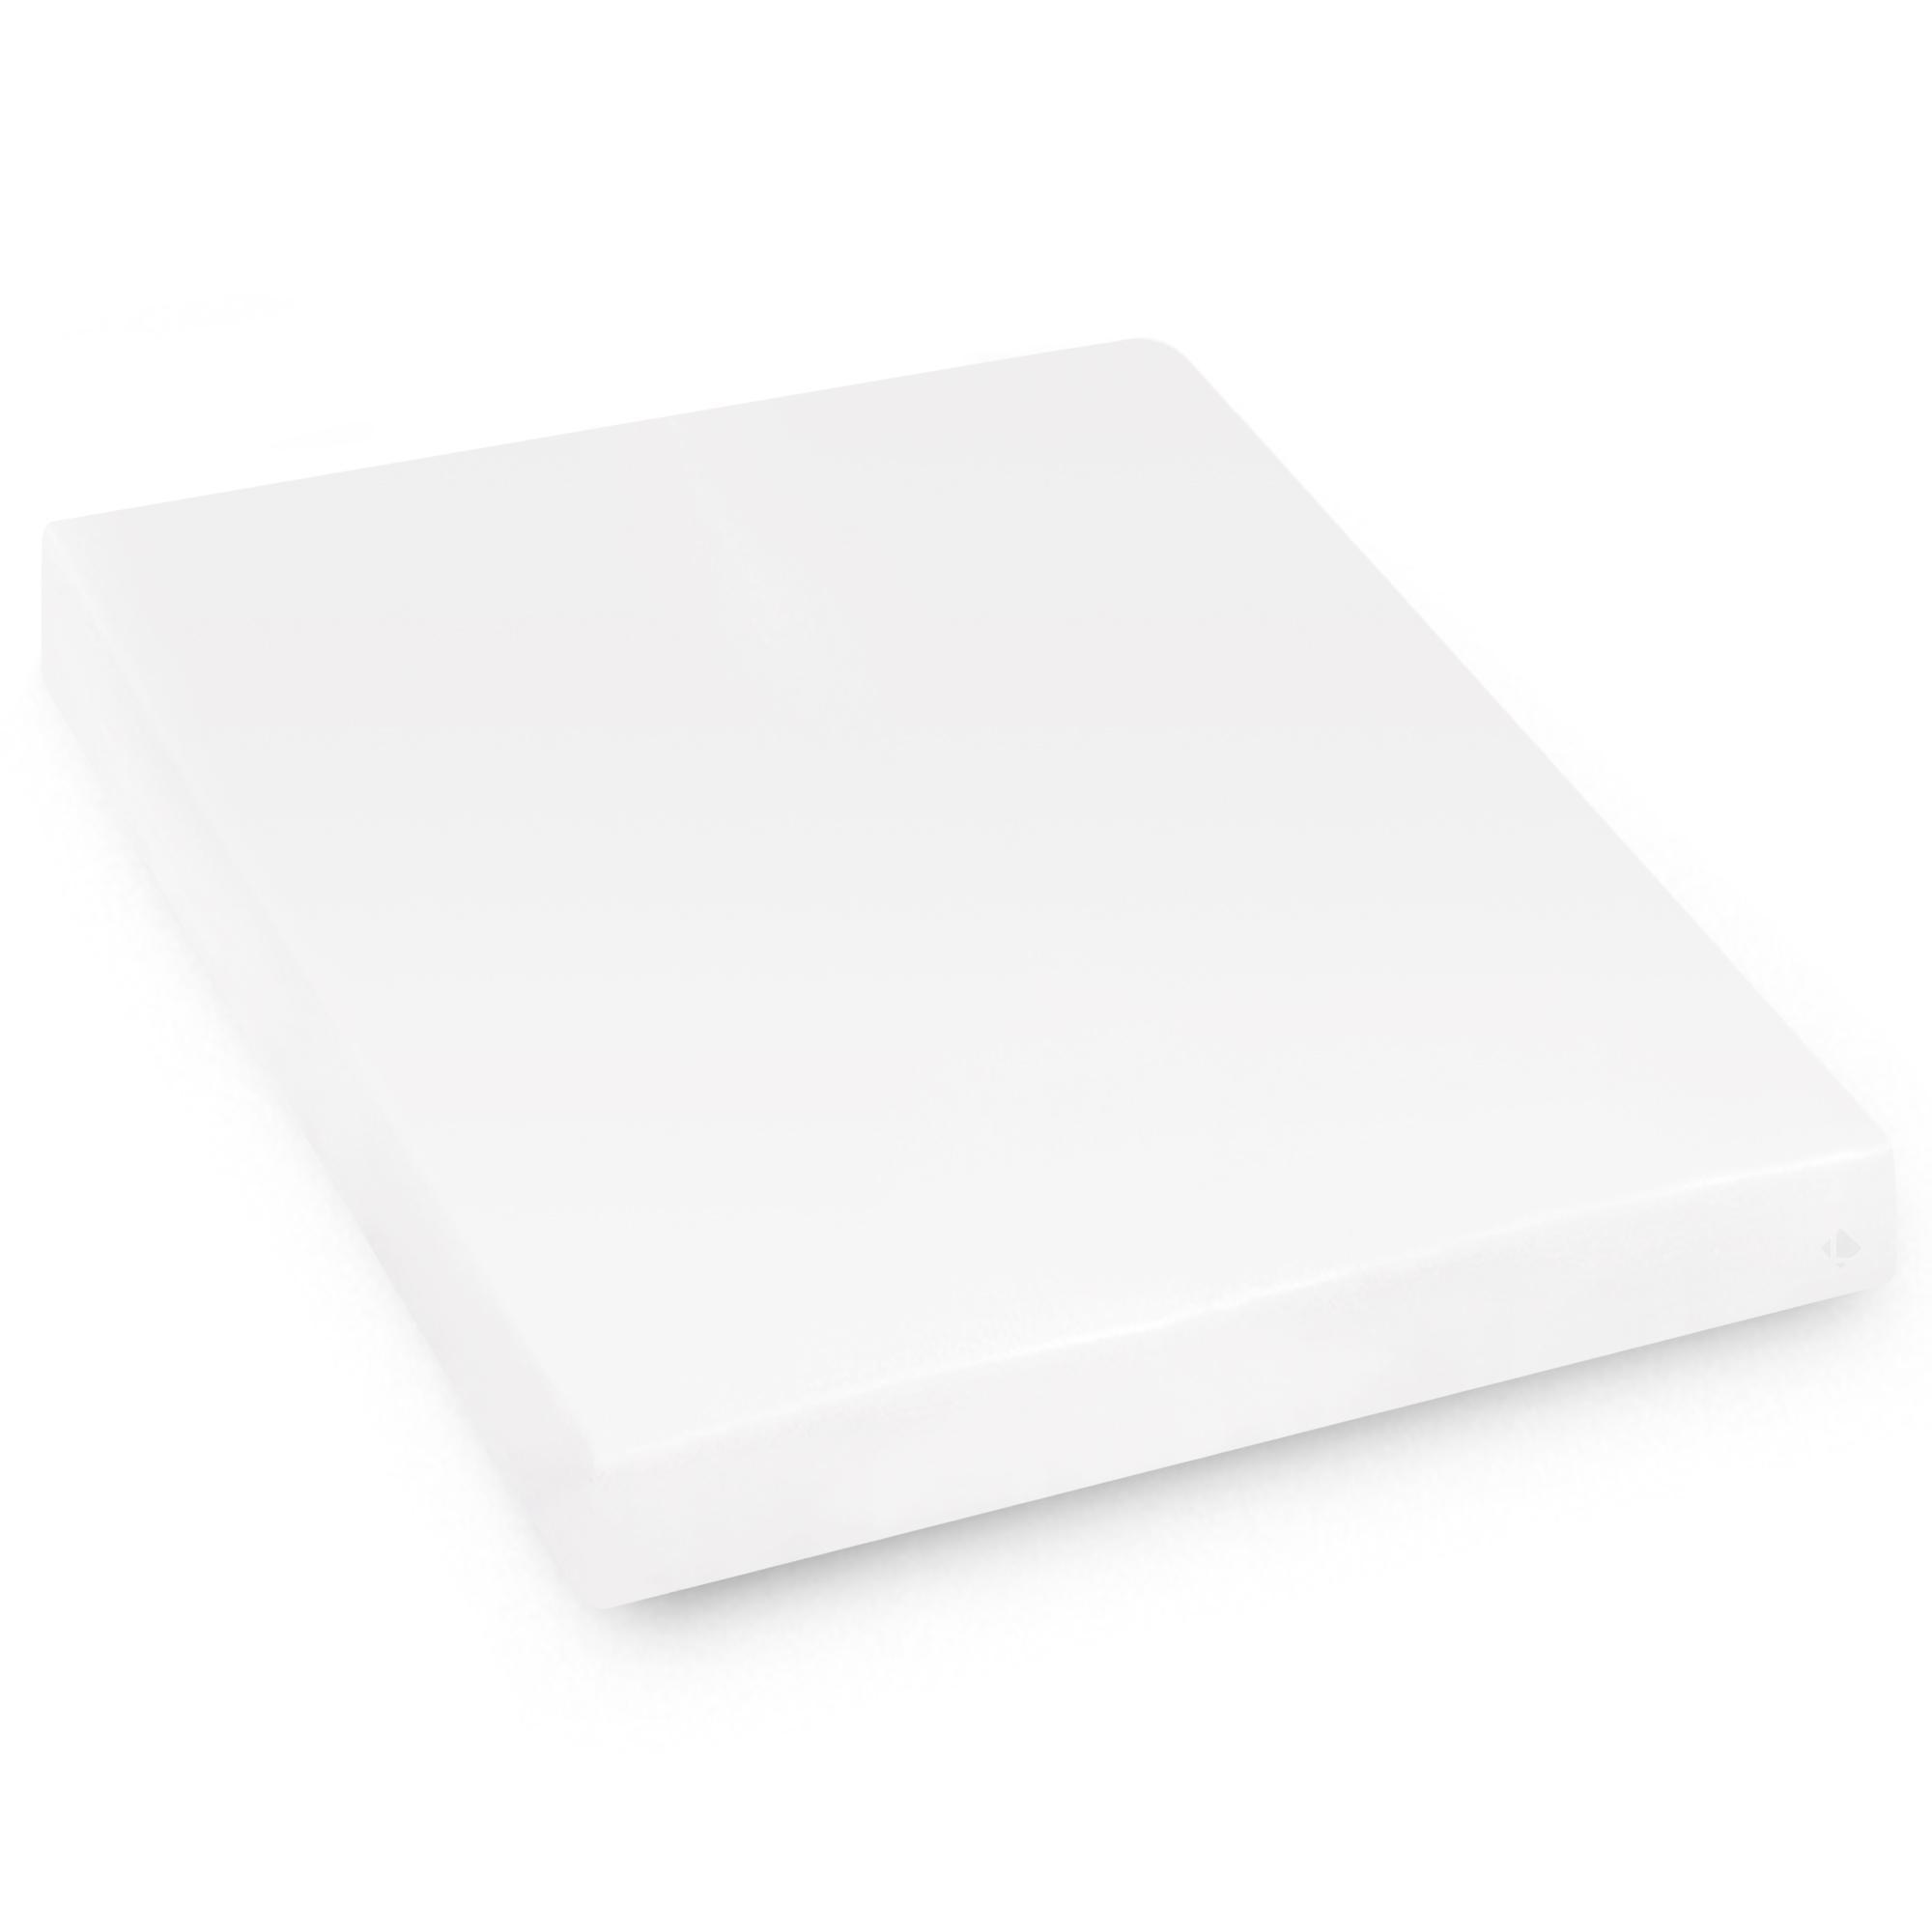 prot ge matelas imperm able 180x200 cm bonnet 40cm arnon. Black Bedroom Furniture Sets. Home Design Ideas